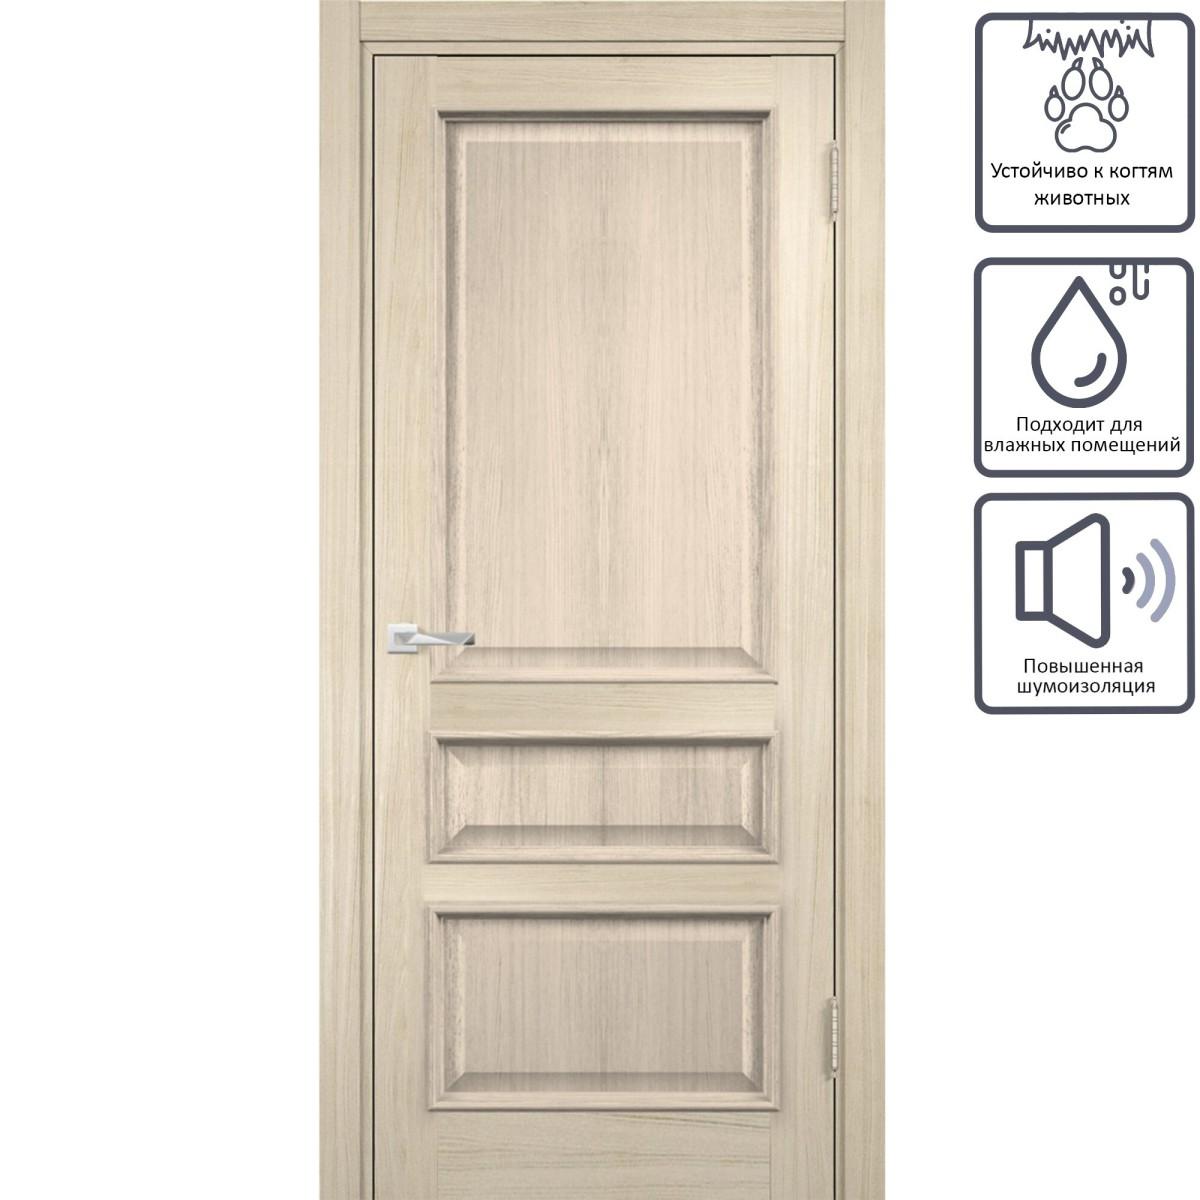 Дверь Межкомнатная Глухая С Замком В Комплекте Барселона 60x200 Пвх Цвет Дымчатый Дуб